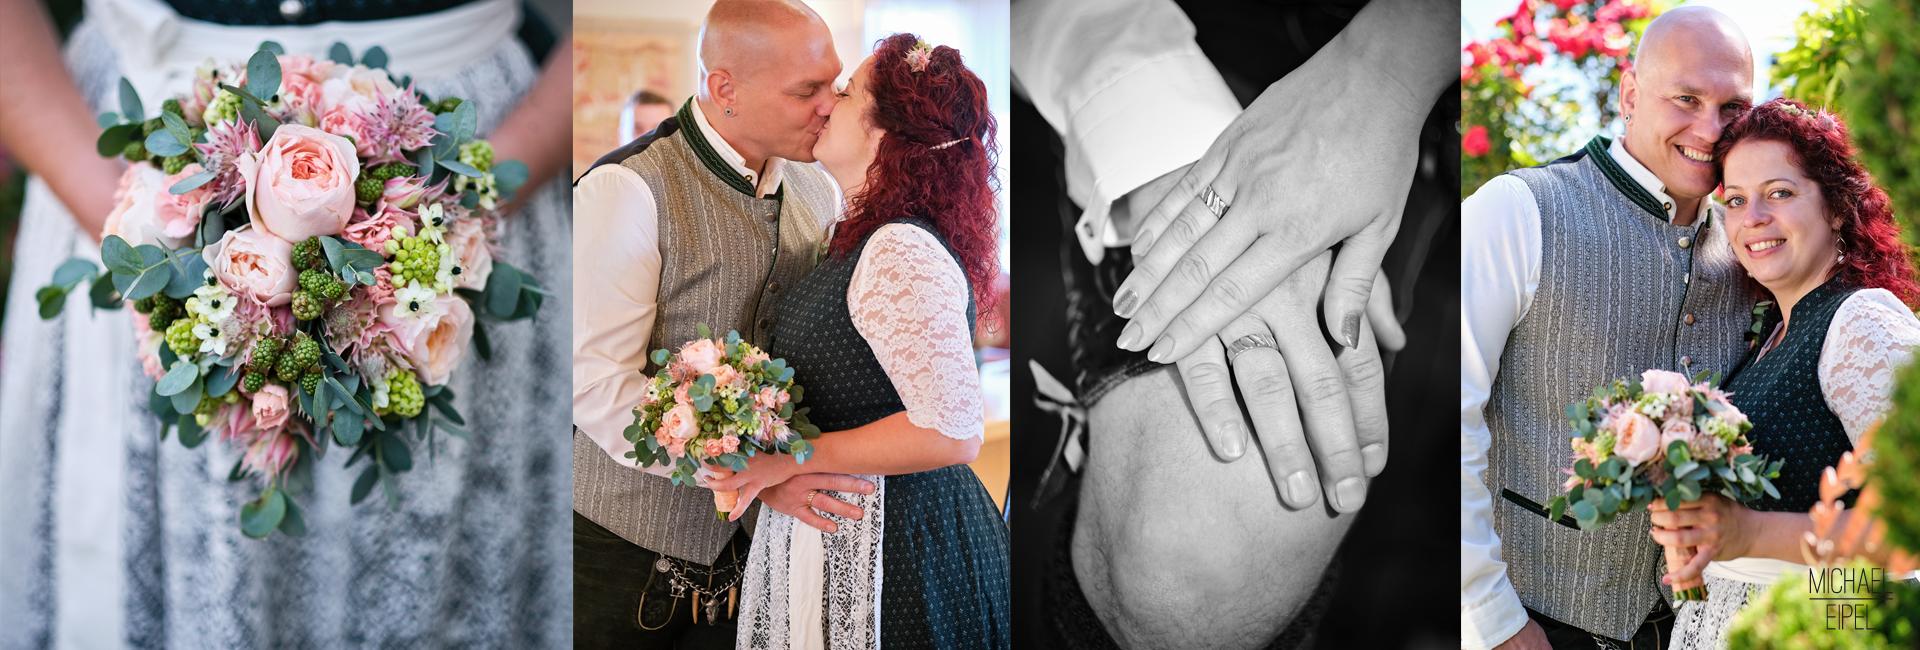 Hochzeitsfotografie – Michael Eipel